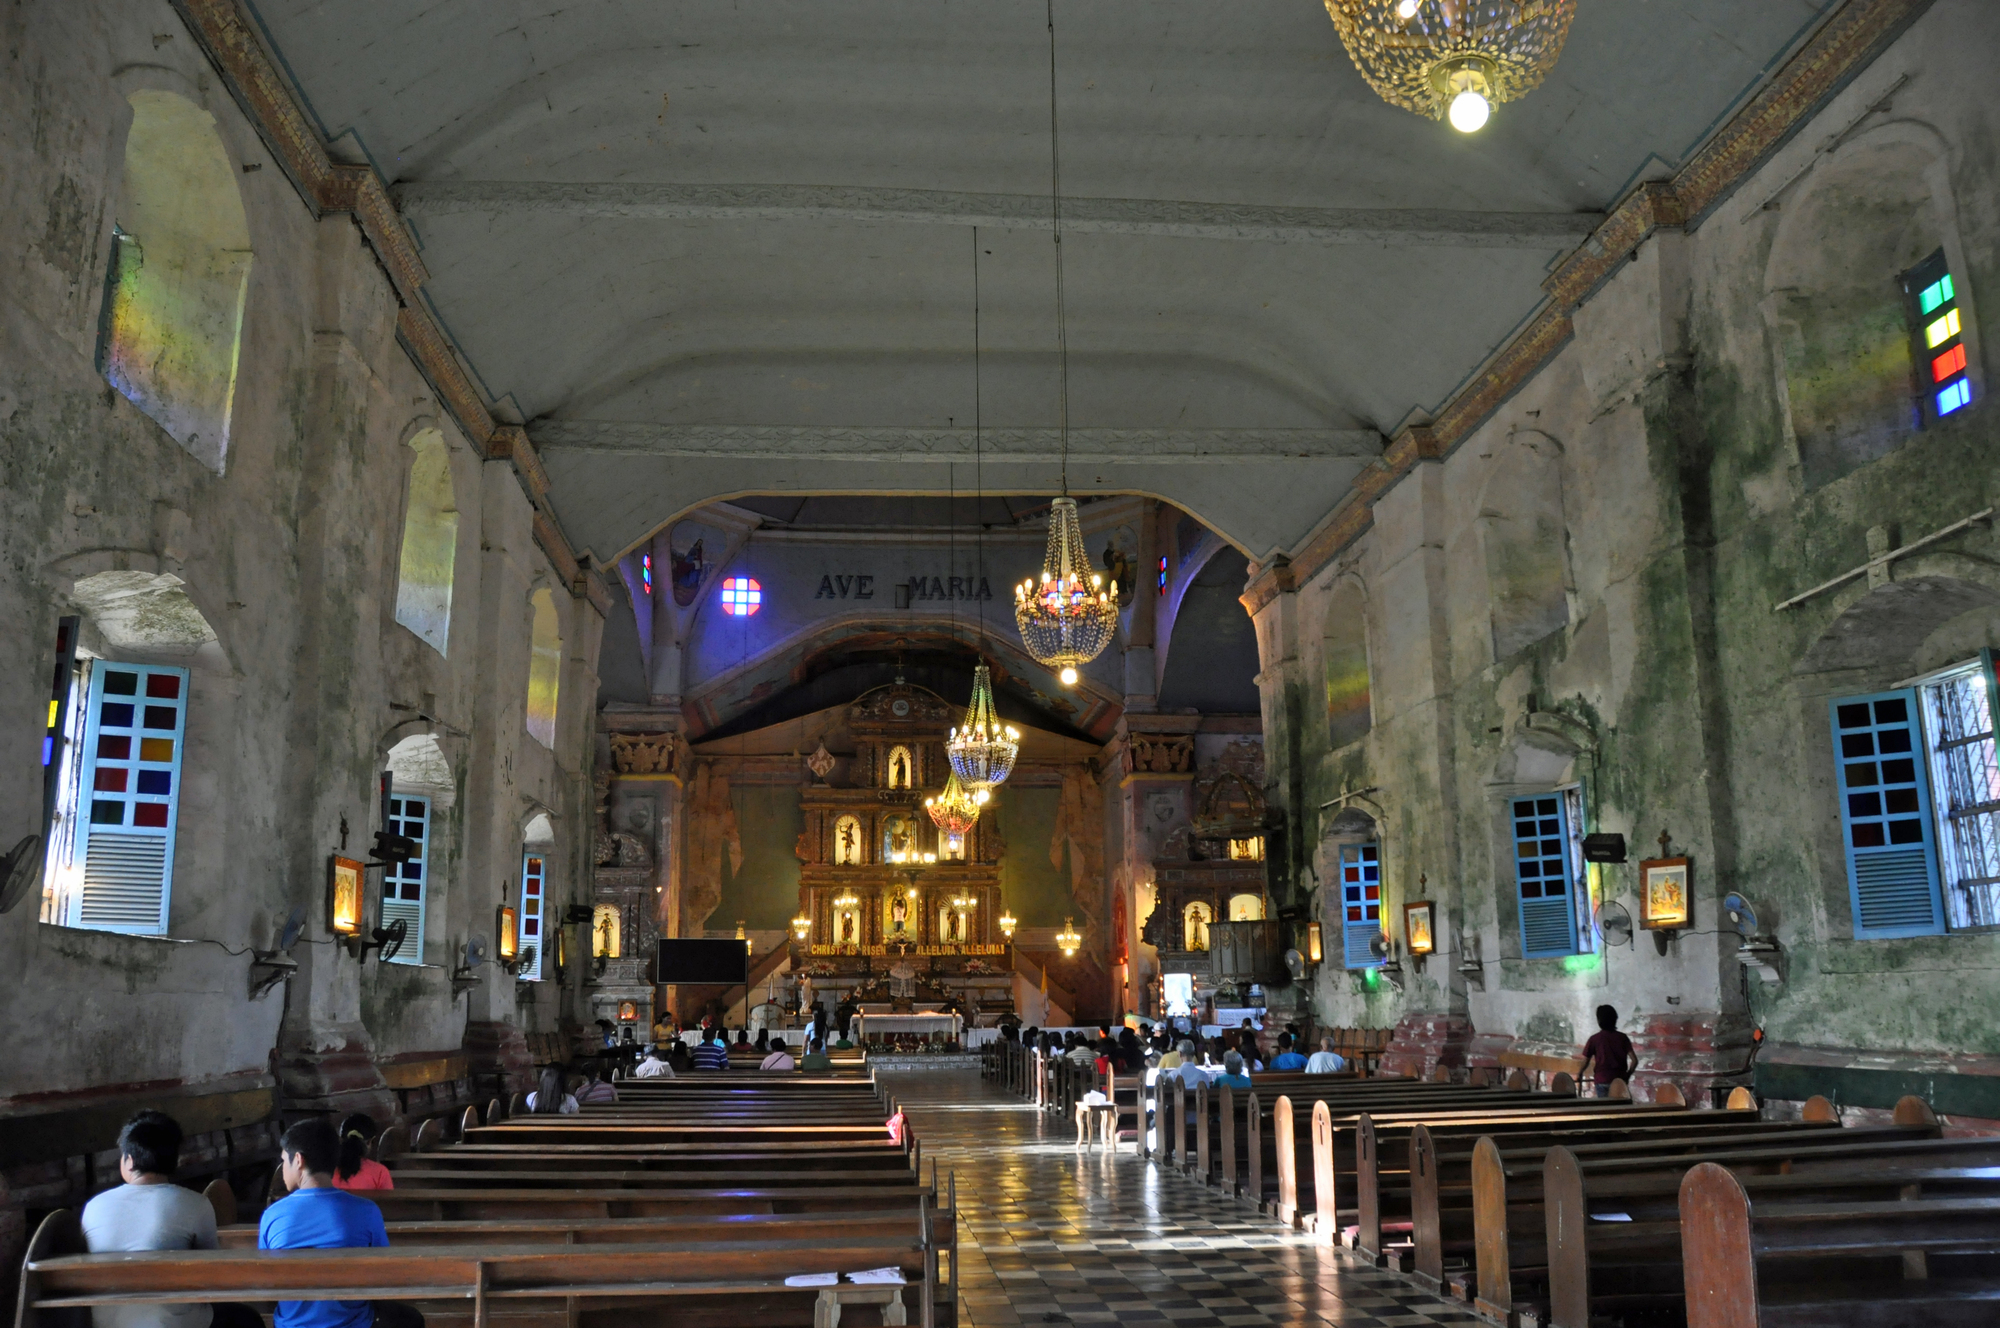 ホーリーサーズデイには教会で特別な儀礼も。明け方まで礼拝が行われる